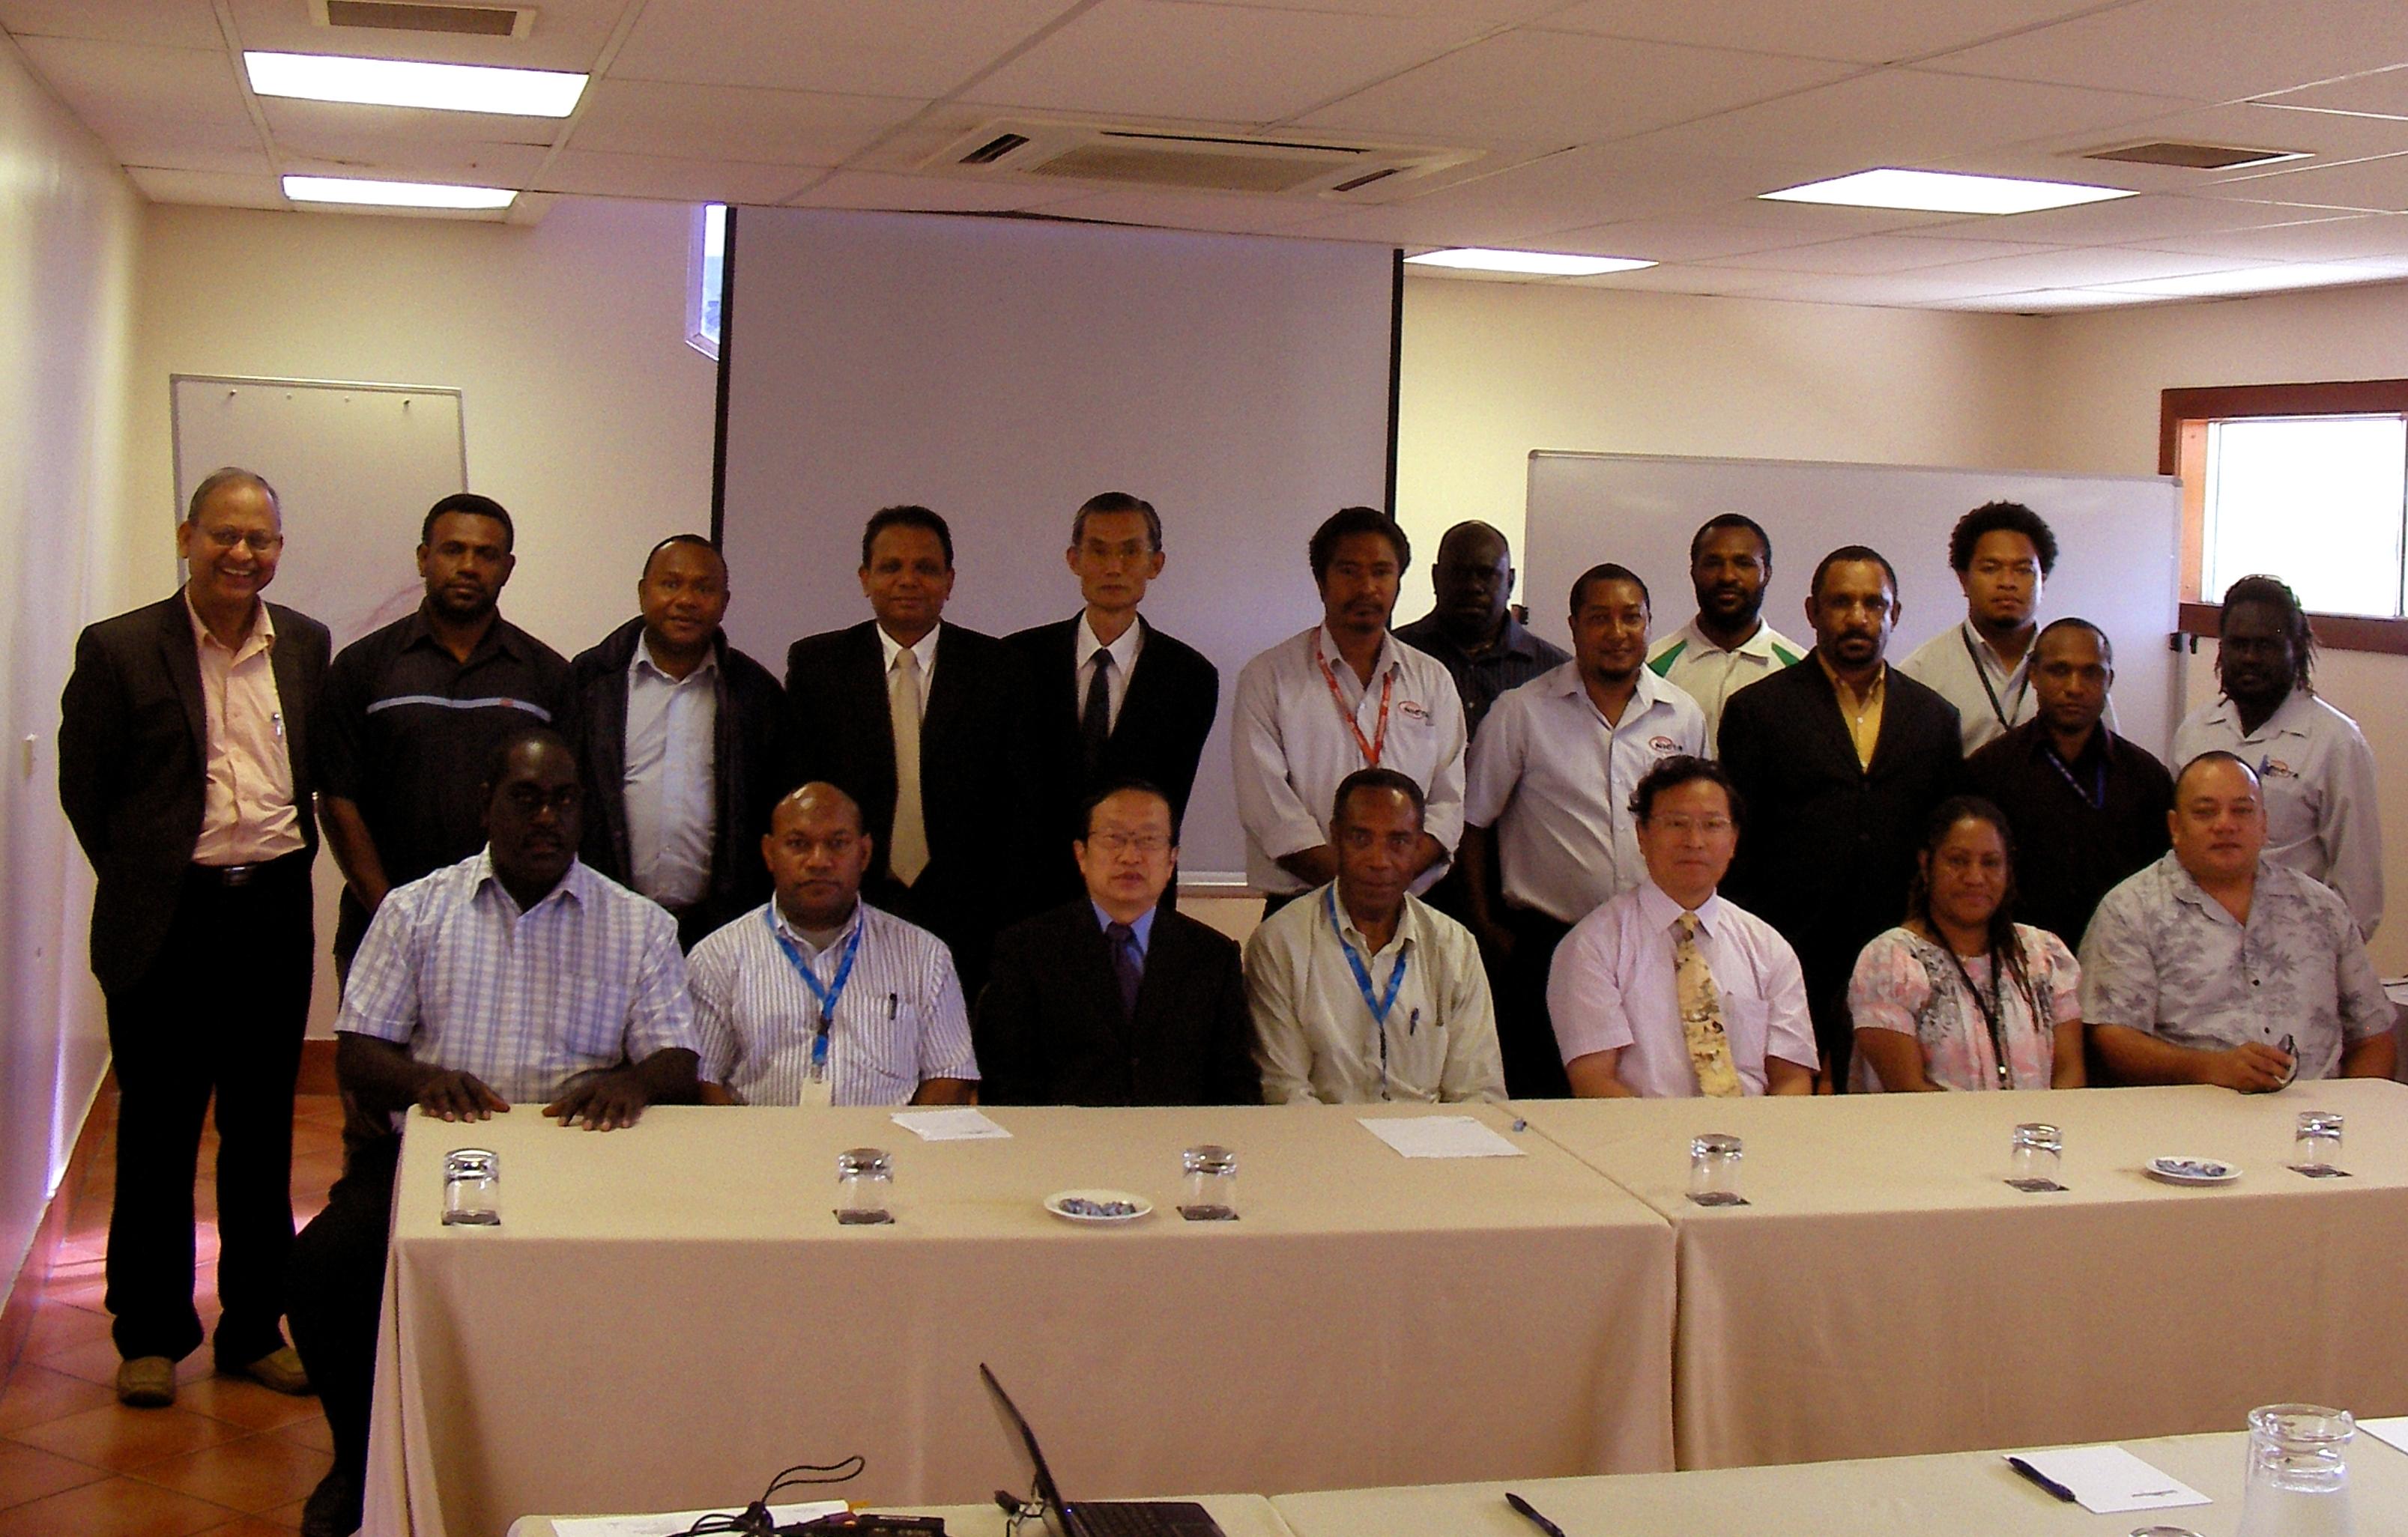 林珲教授(前排右三)与参加培训的联合国官员和巴布亚新矶内亚的学员合影。